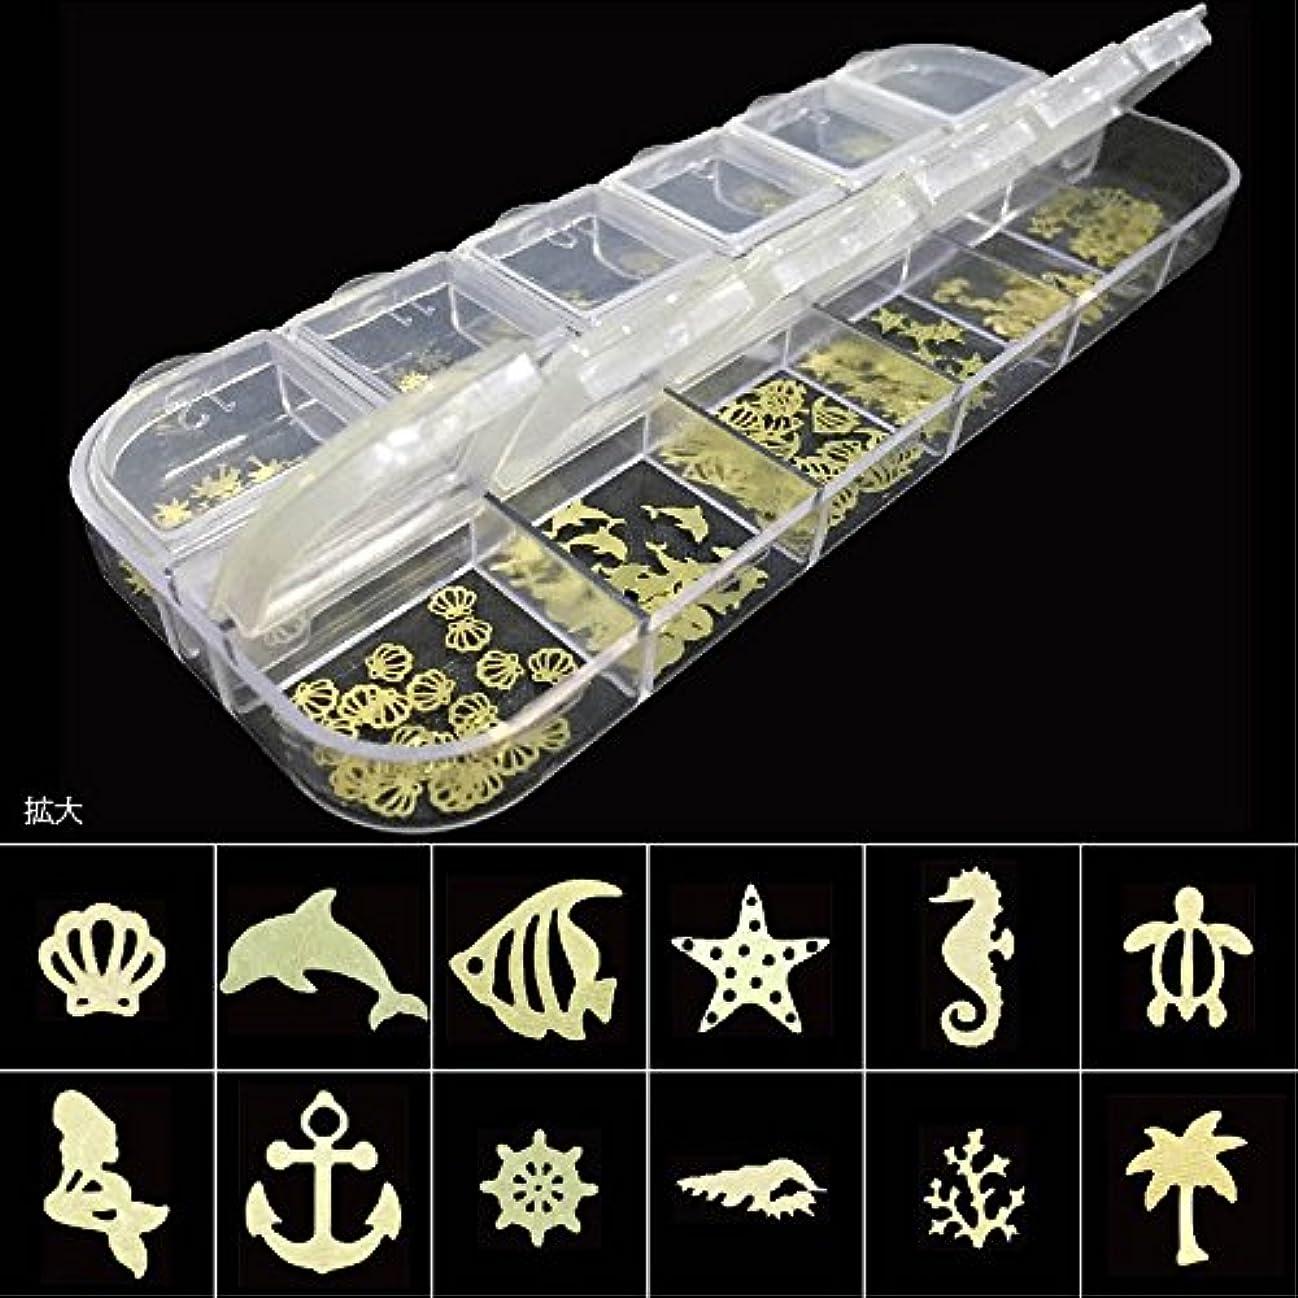 からかうコンパクトエジプト薄型メタル パーツ ゴールド240枚 ネイル&レジン用 12種類×各20個ケース入 (マリン)